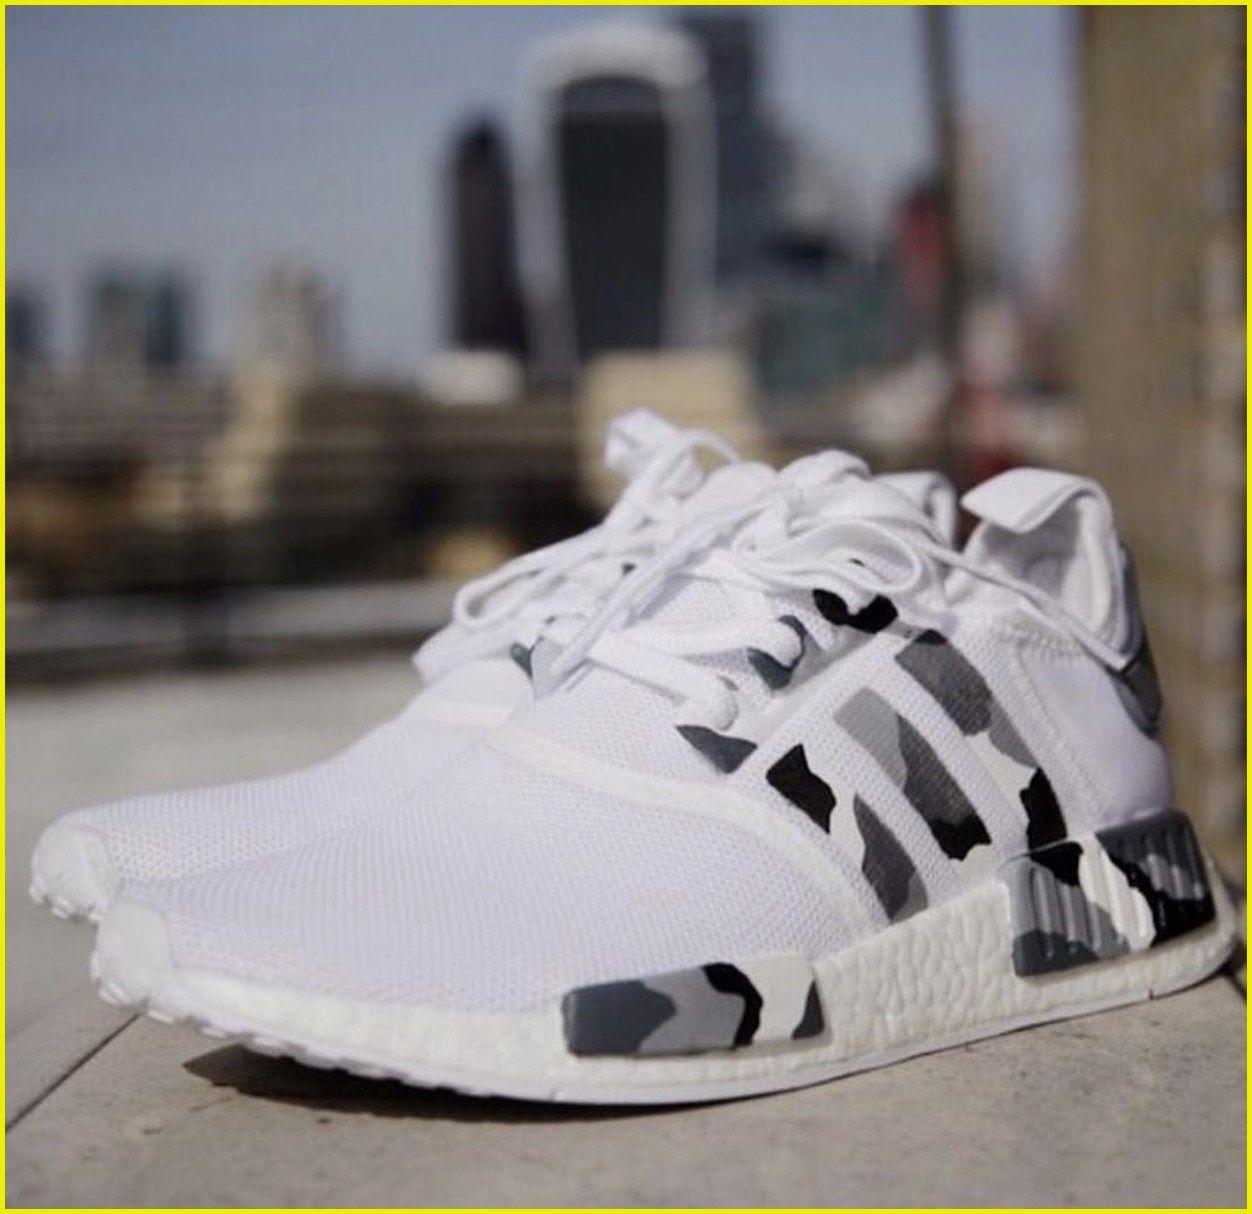 zapatos adidas originales precio hym